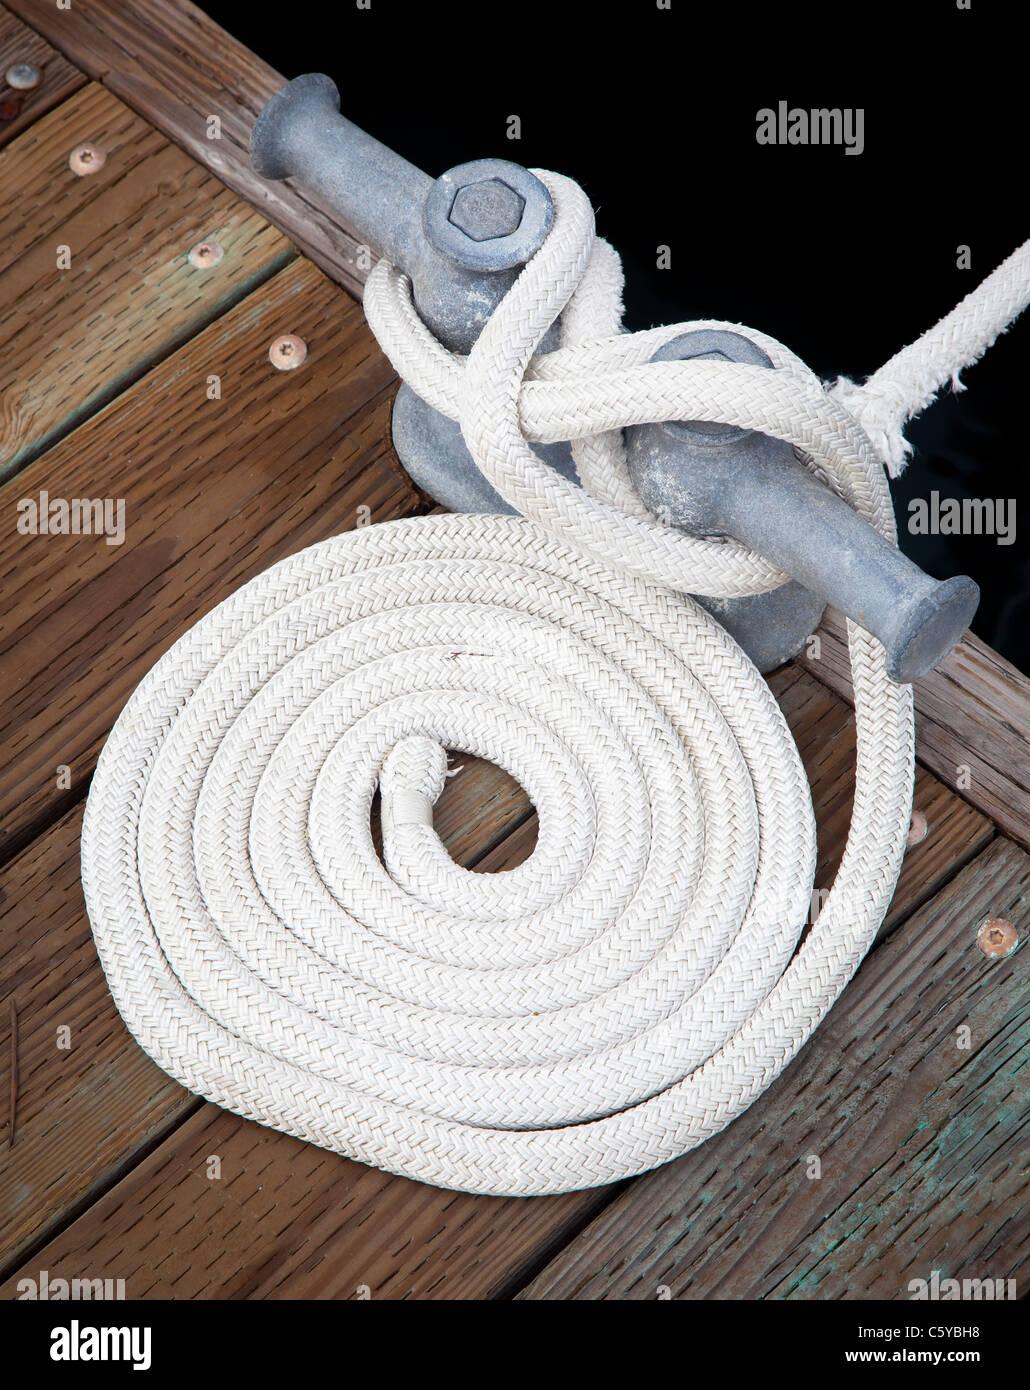 Cuerda utilizada para amarrar un barco al muelle en el puerto de Roche, la Isla San Juan en el estado de Washington, Imagen De Stock